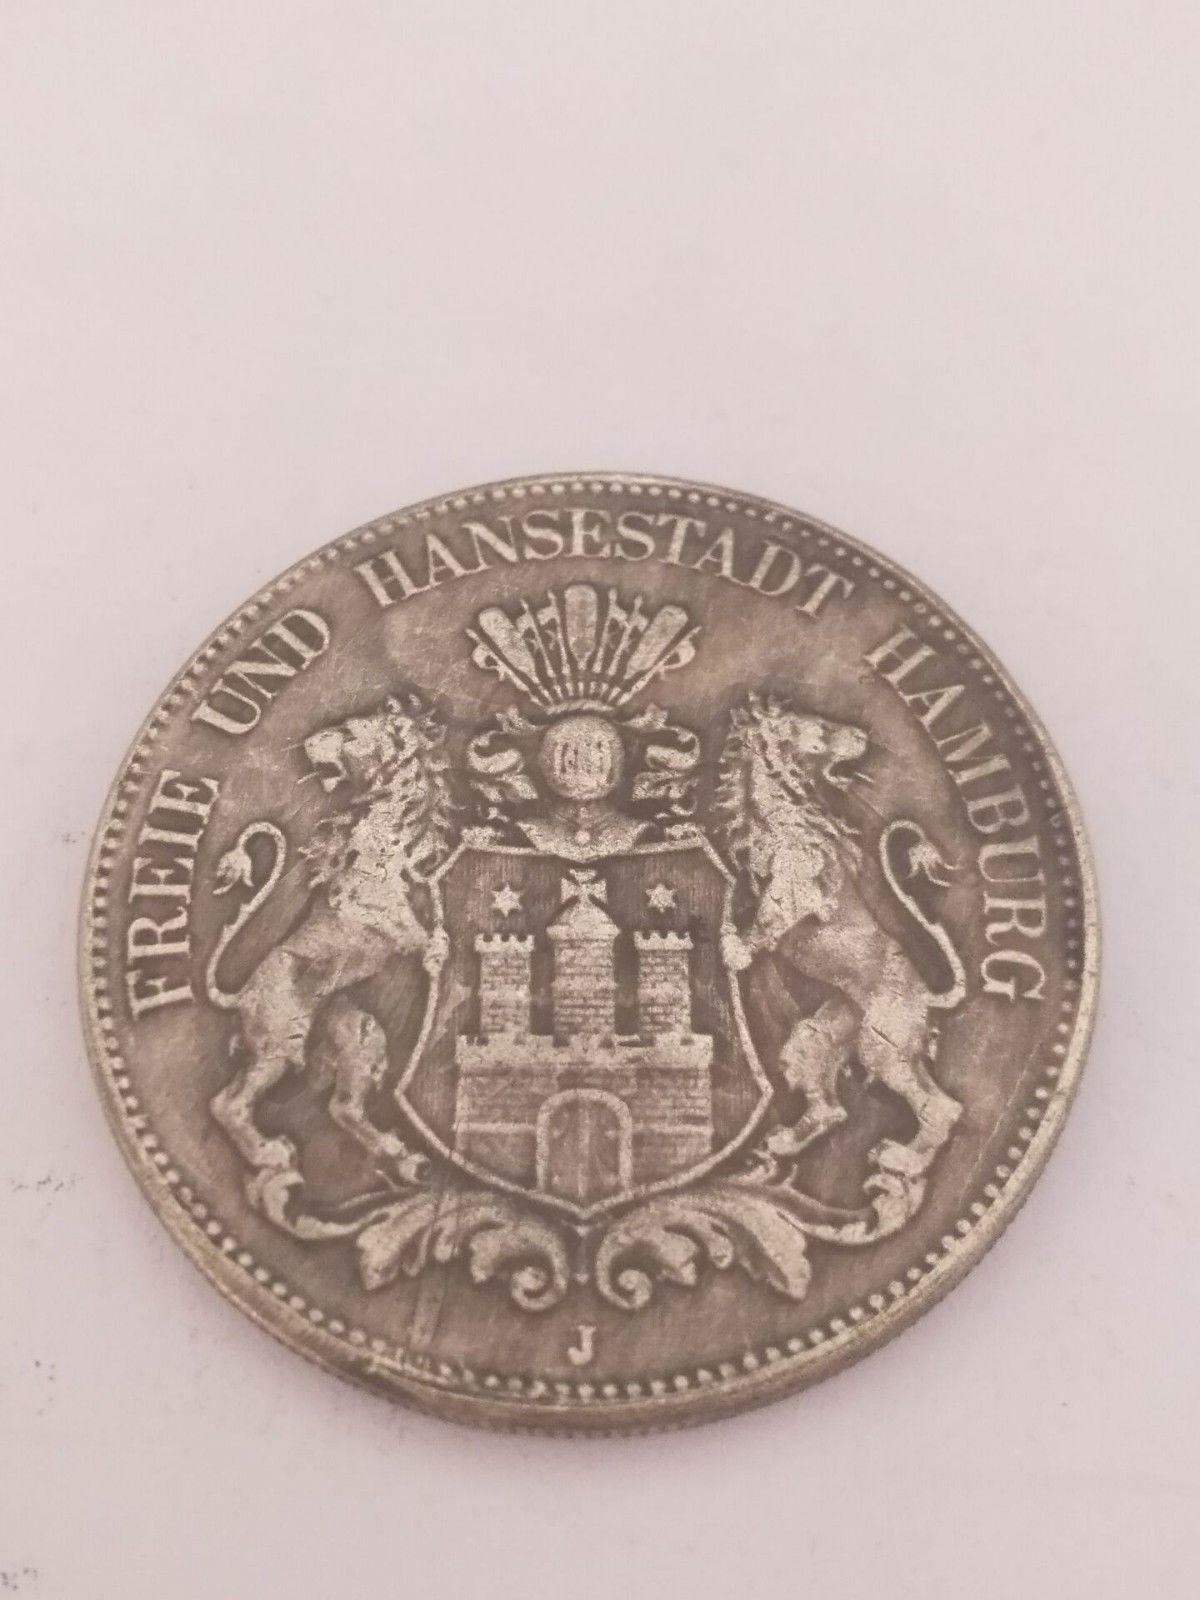 1903 Freie Und Hansestadt Hamburg Funf Mark Deutsches Reich Coin